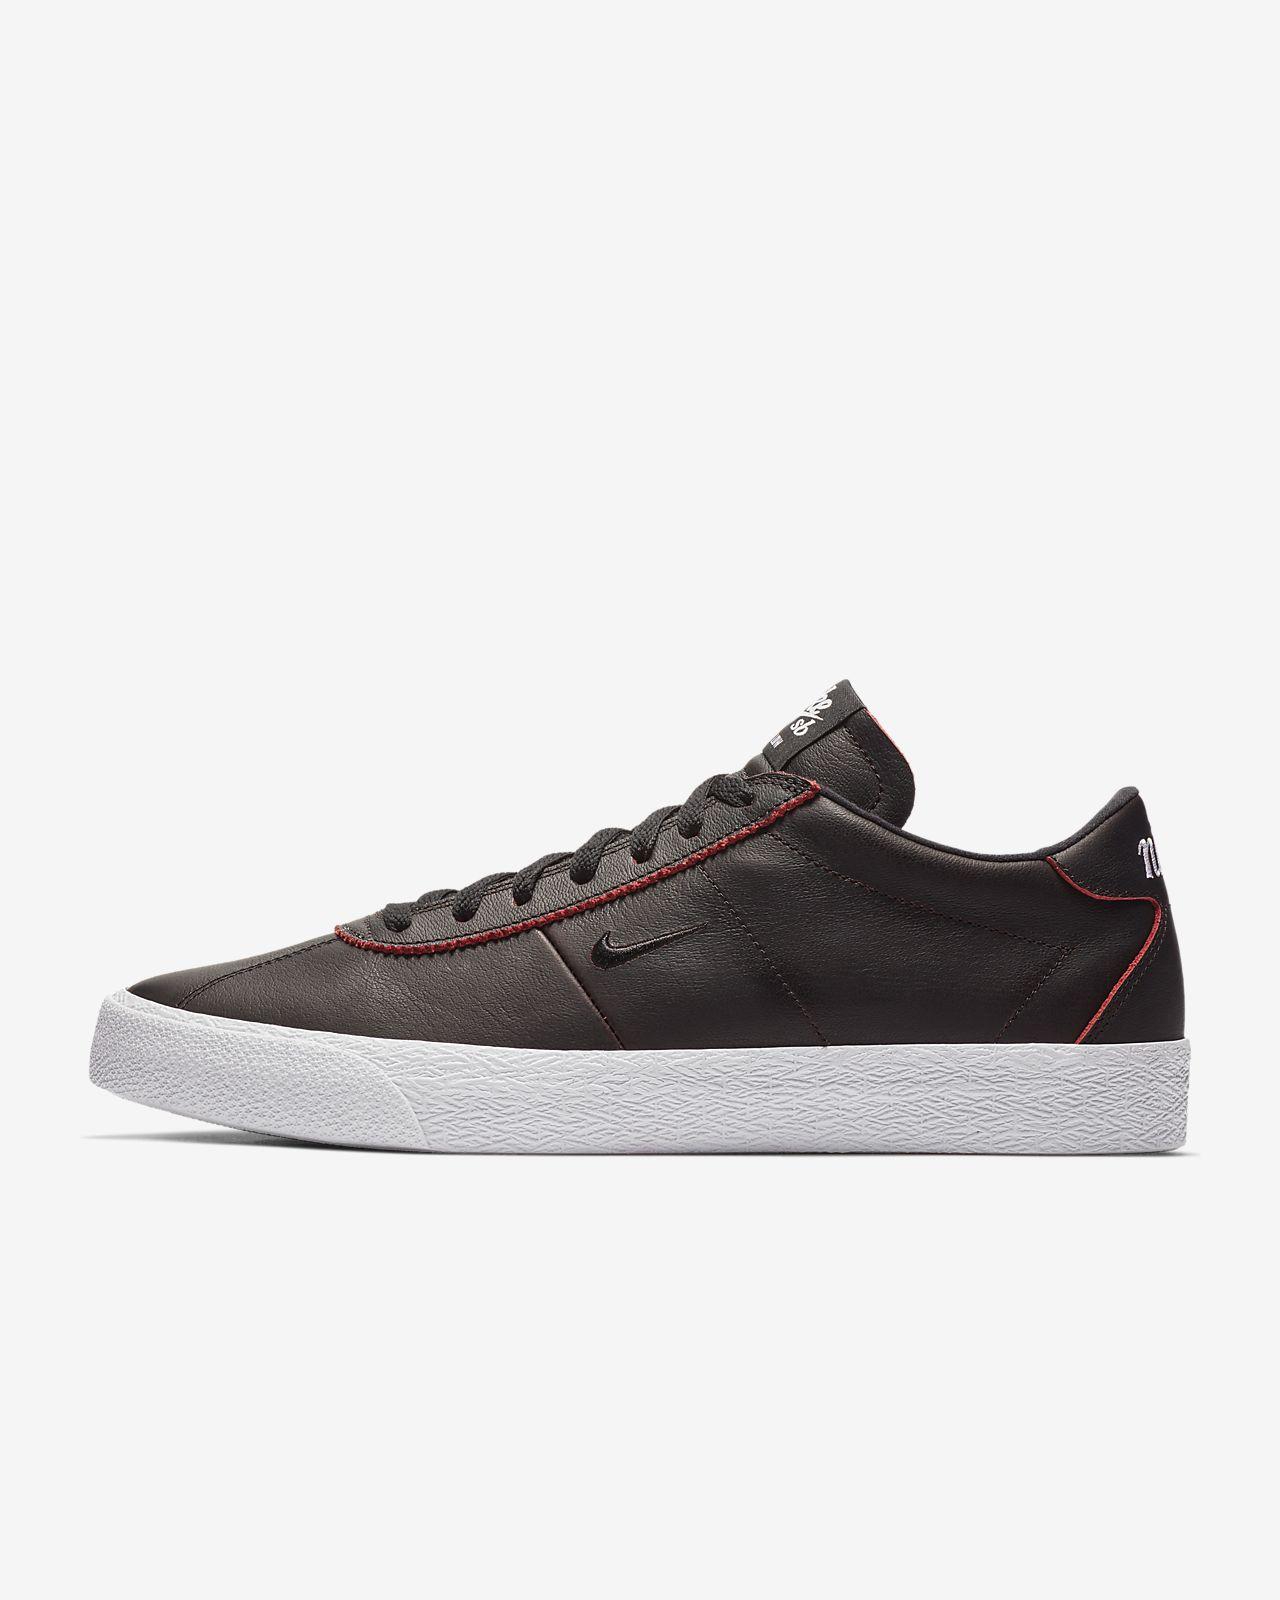 Skateboardsko Nike SB Zoom Bruin NBA